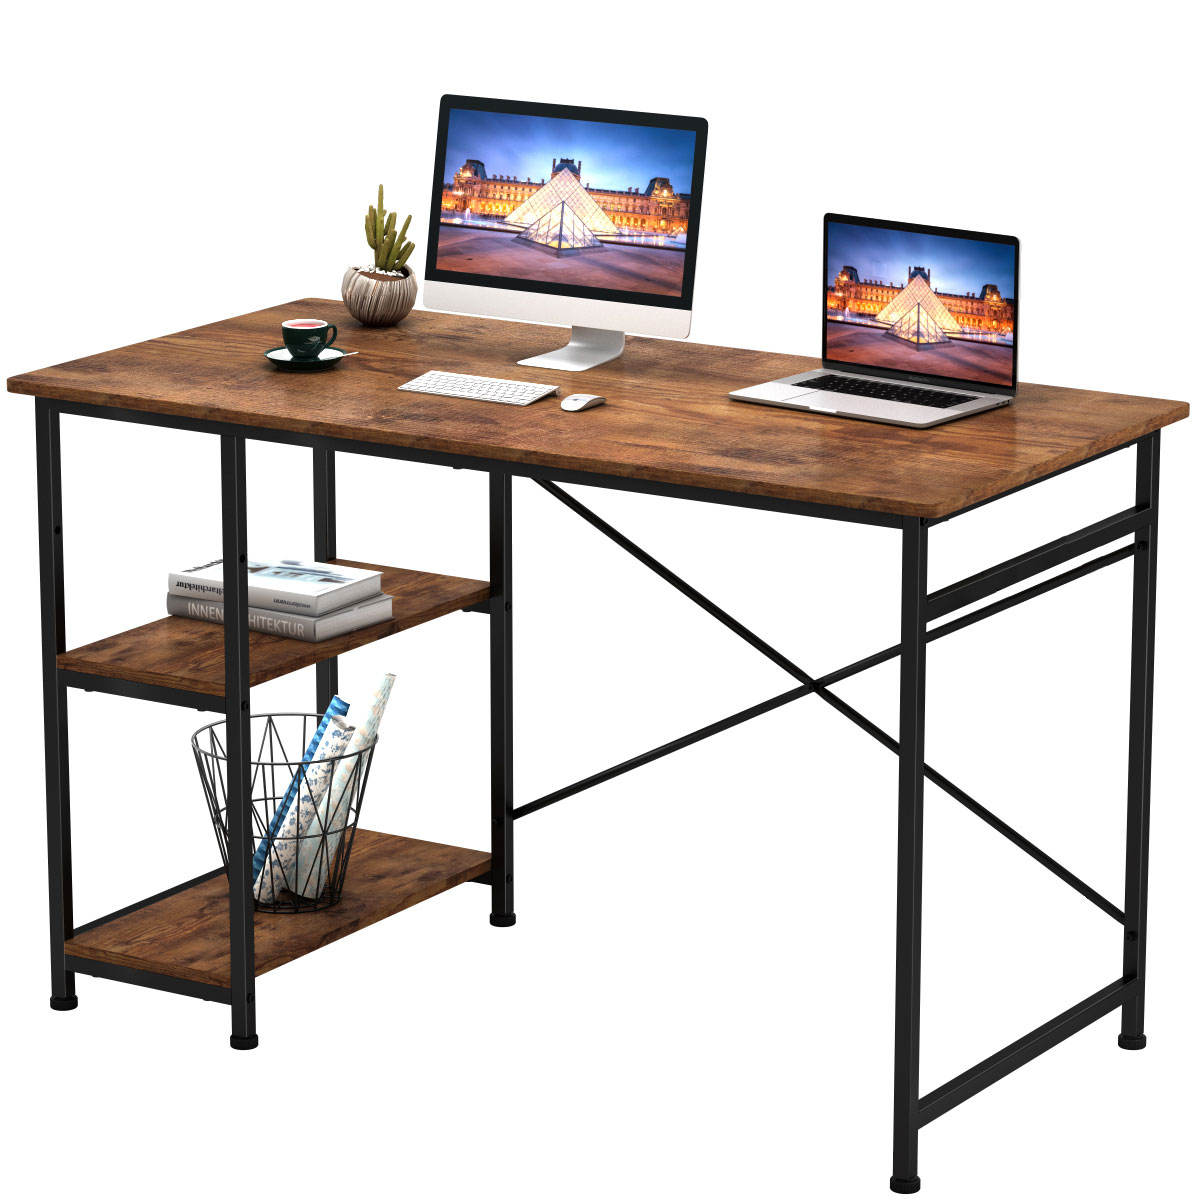 laptop mesa do computador para o estudo as crianças e escrita mesa do computador de escritório em casa moderna do tamanho padrão